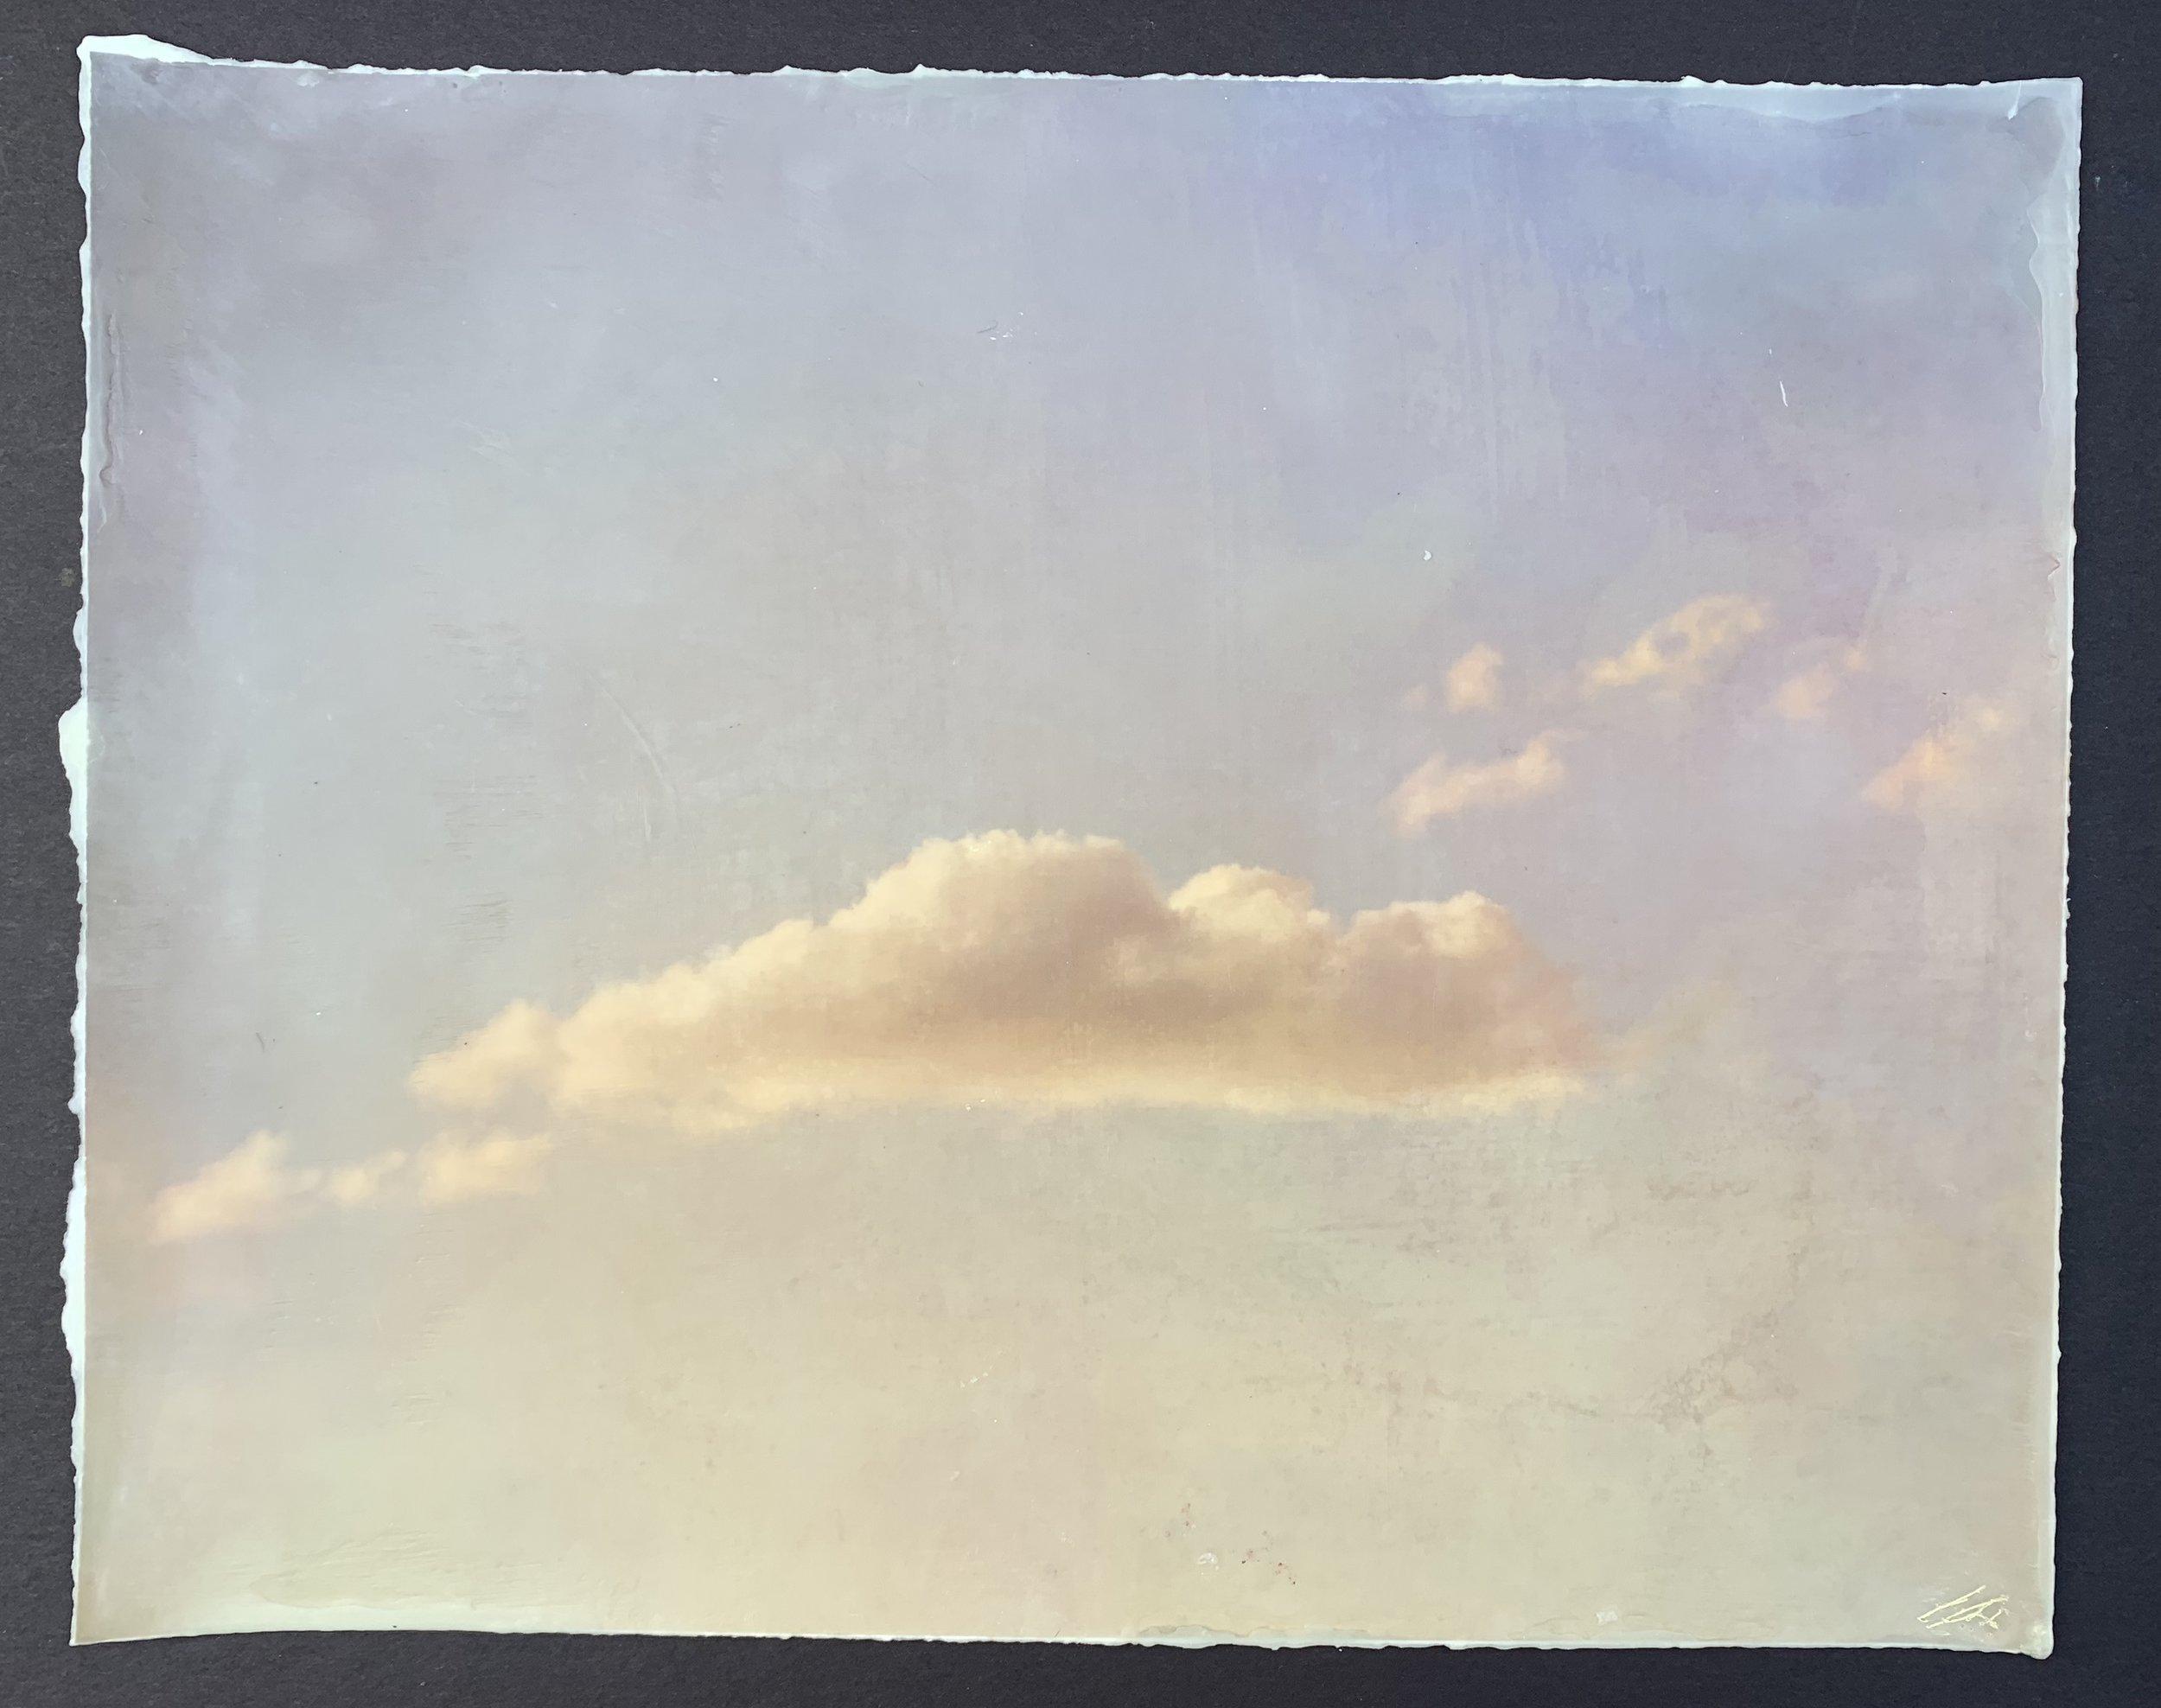 Cloud Study 5 16x20